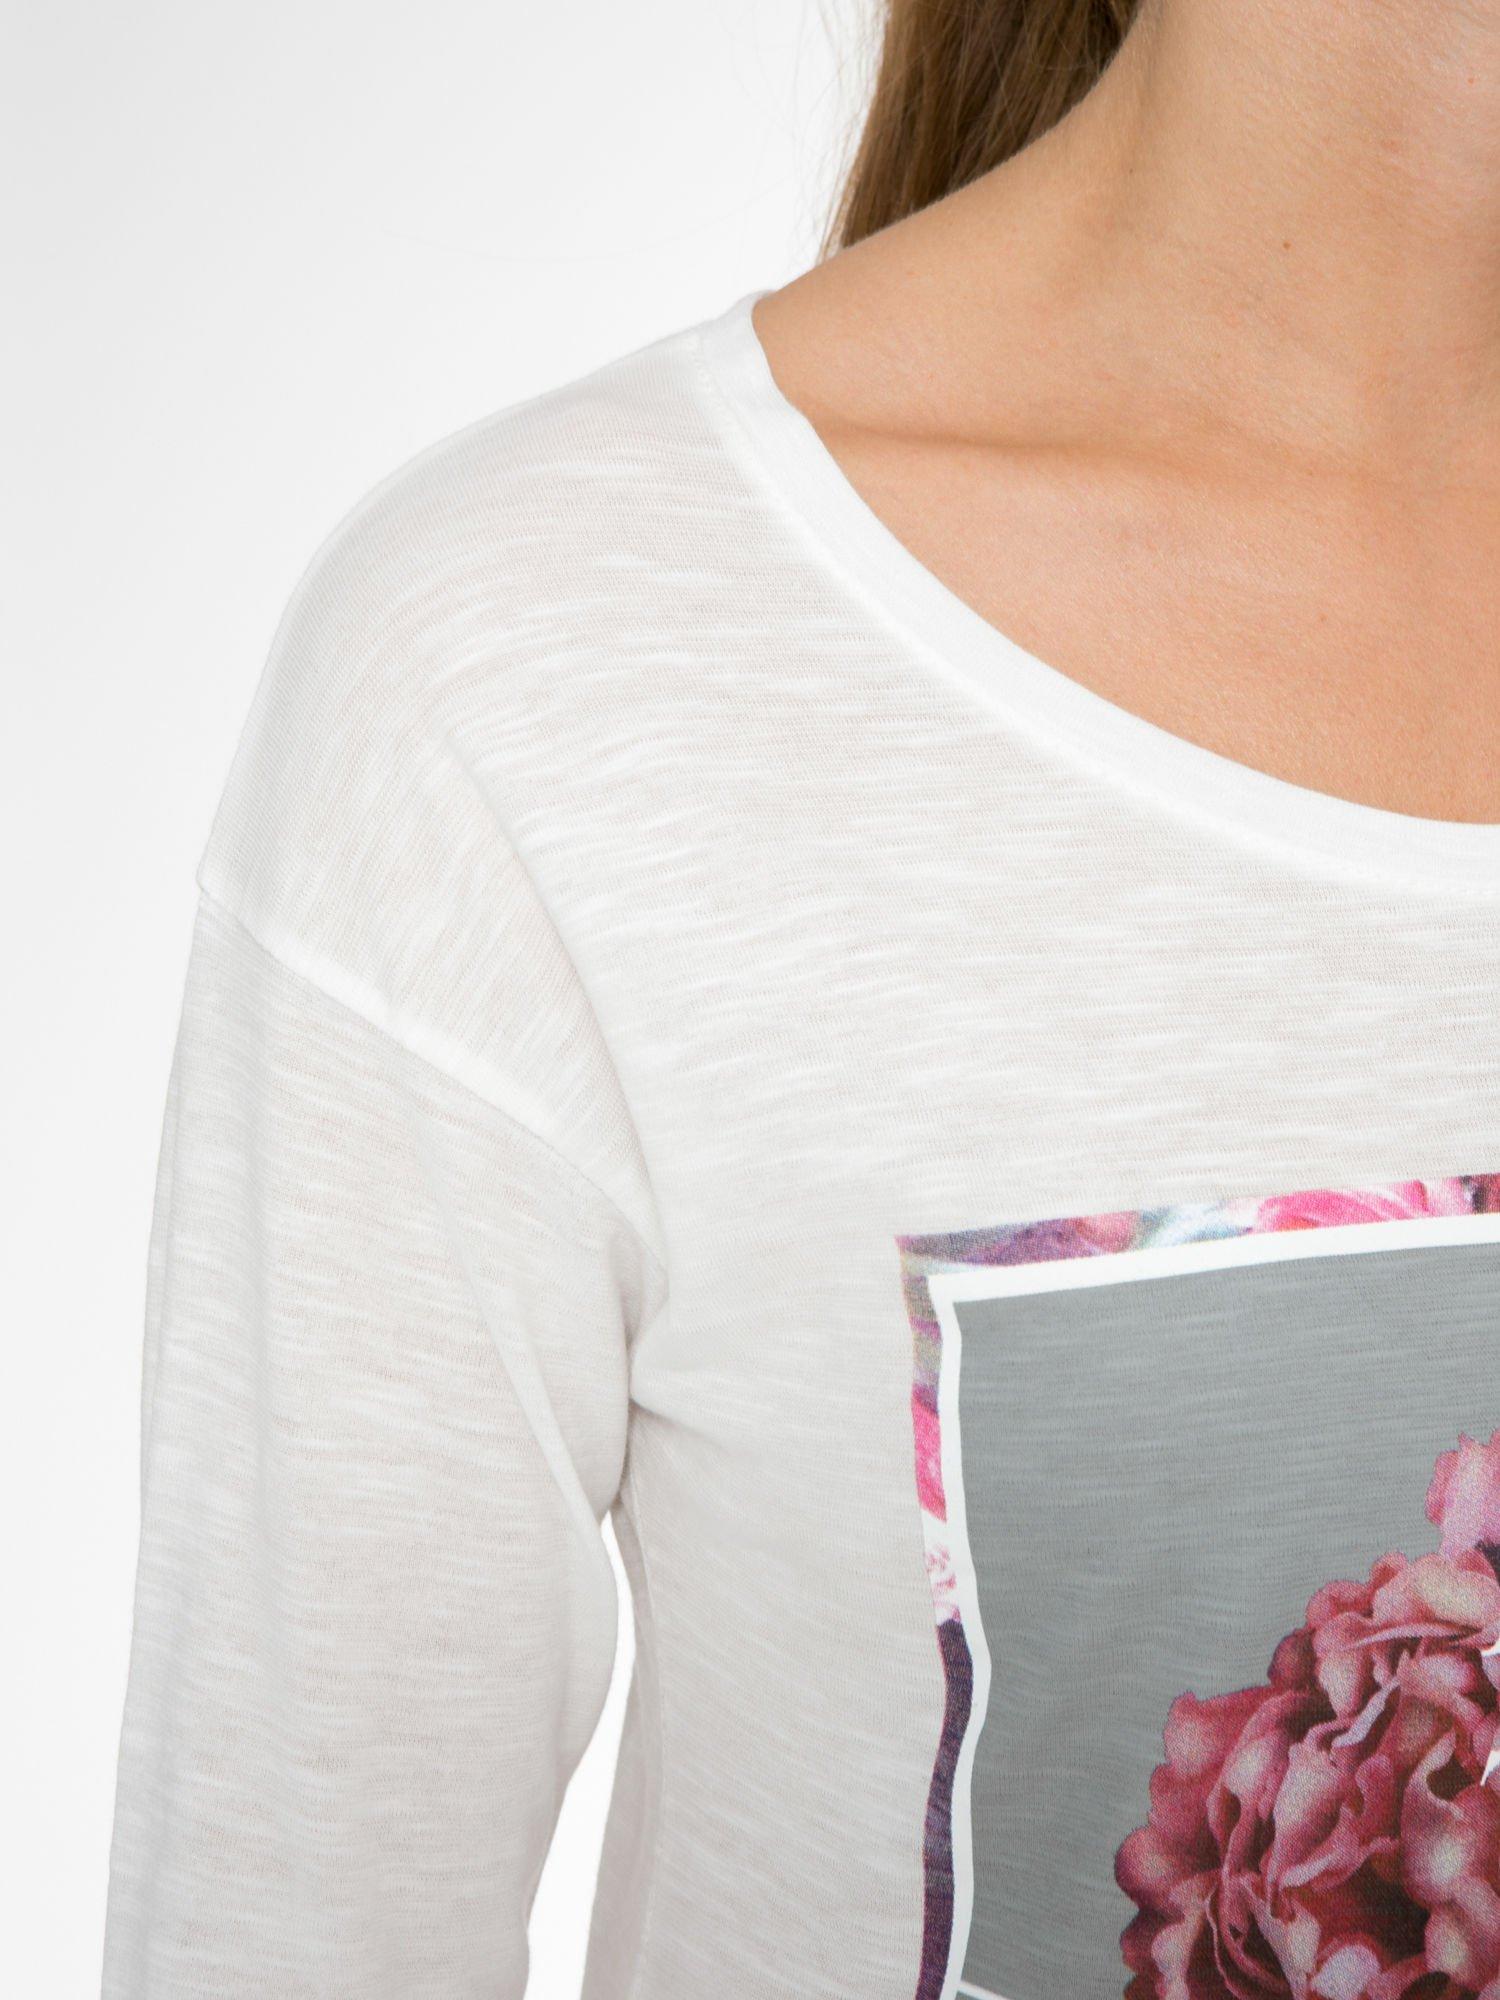 Ecru bluzka z nadrukiem kwiatów i napisem BEAUTY OF THE WORLD                                  zdj.                                  6